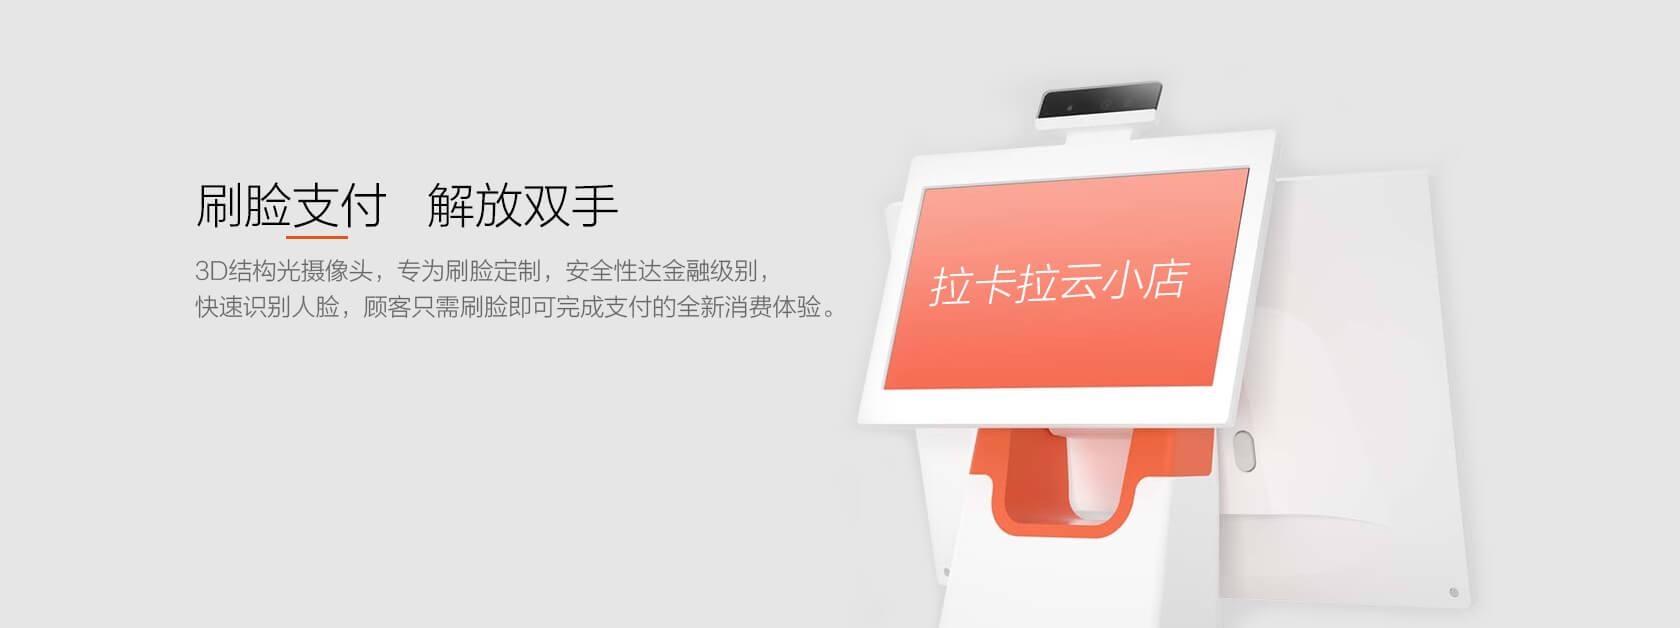 新零售门店智能收银一体机-拉卡拉电签版扫码POS机